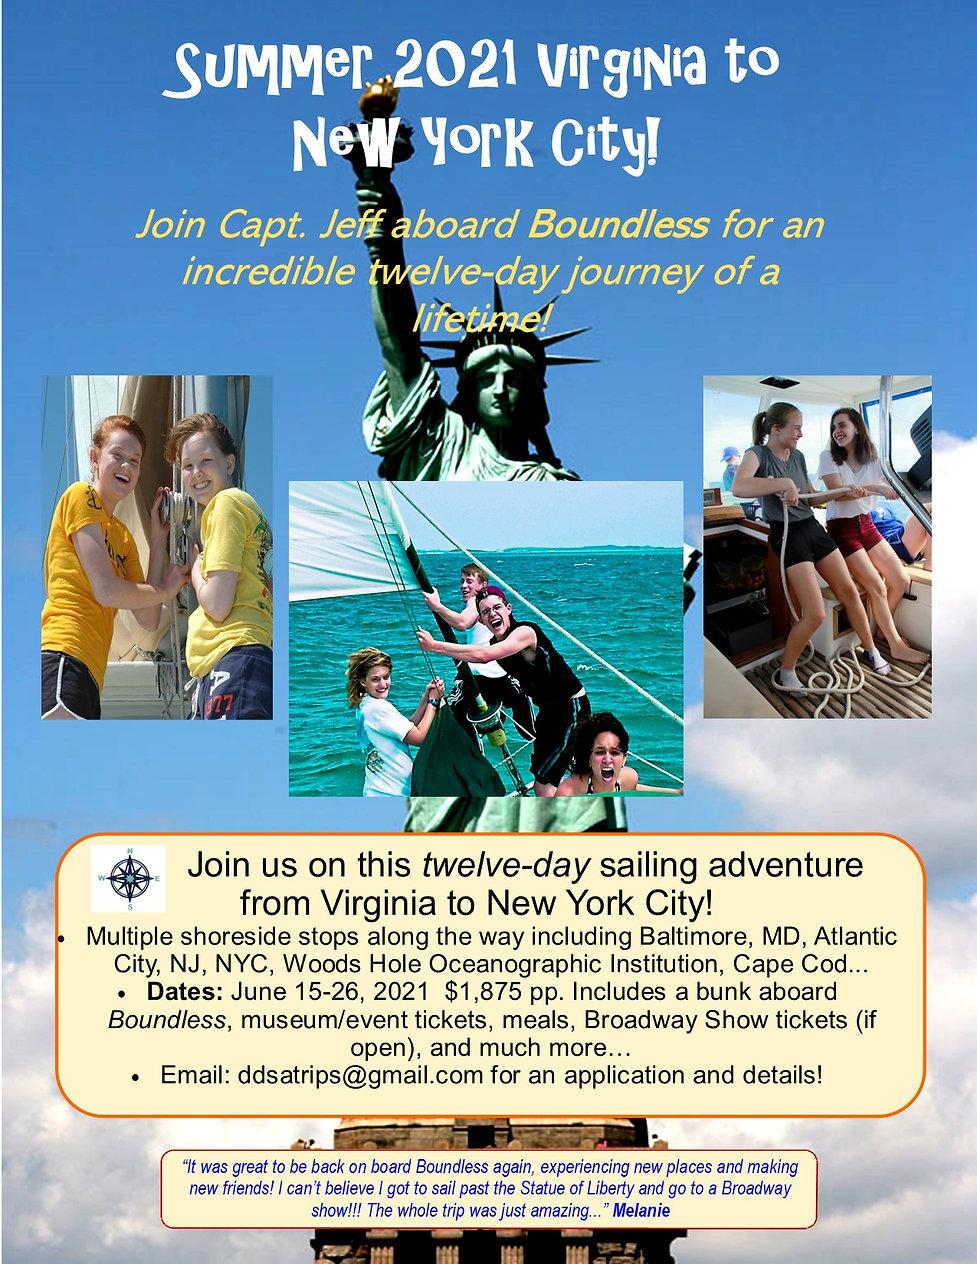 Summer 2021 Virginia to NYC  trip.jpg